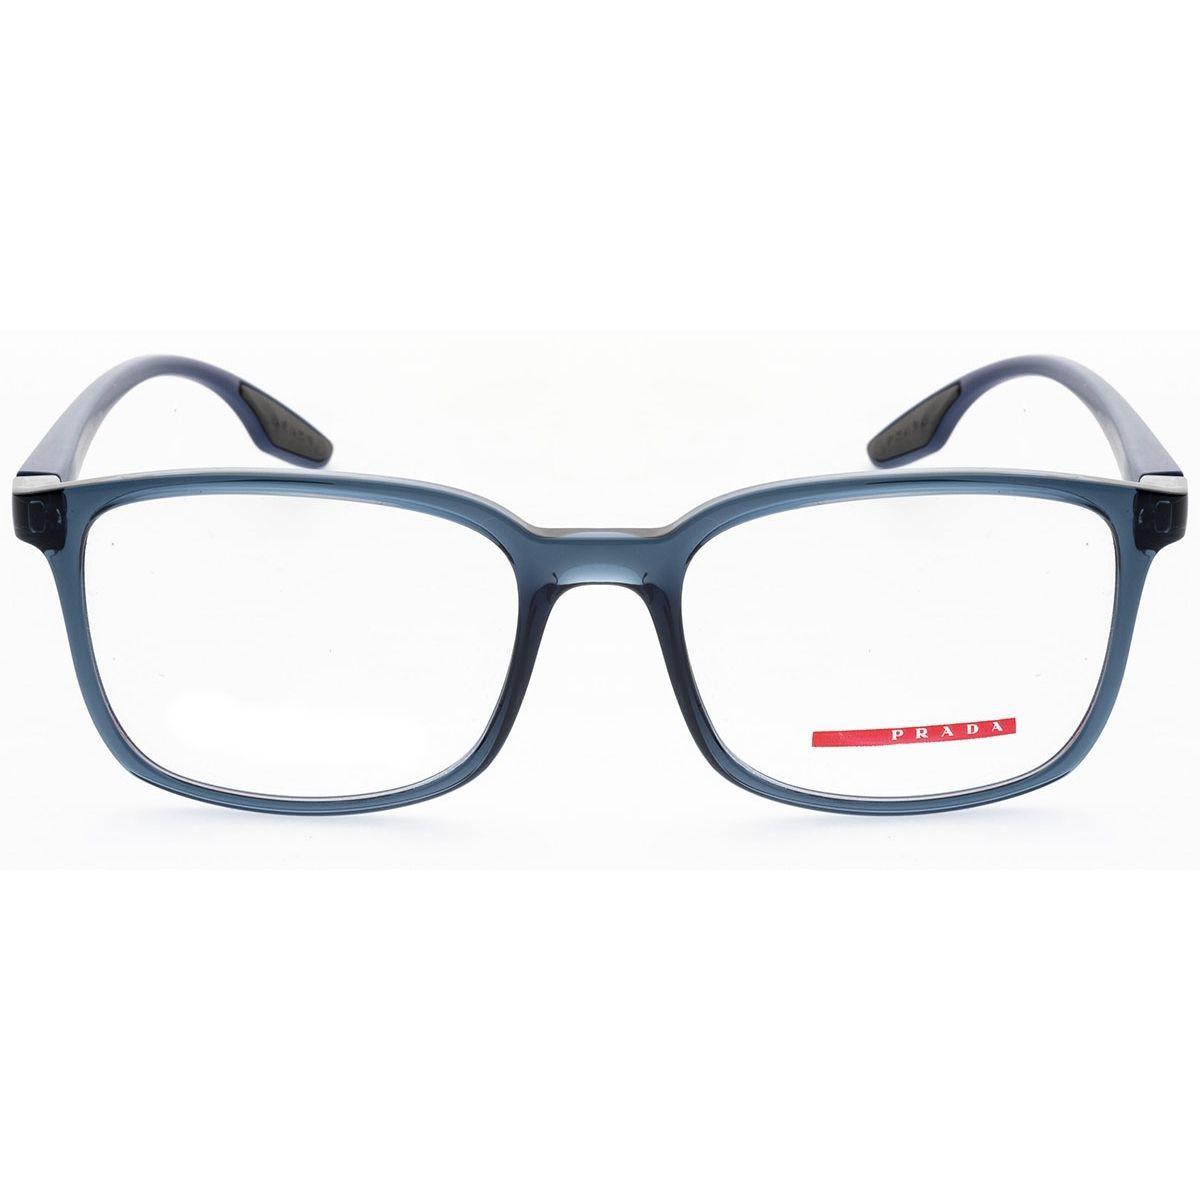 Óculos de Grau Masculino Prada Linea Rossa VPS 041